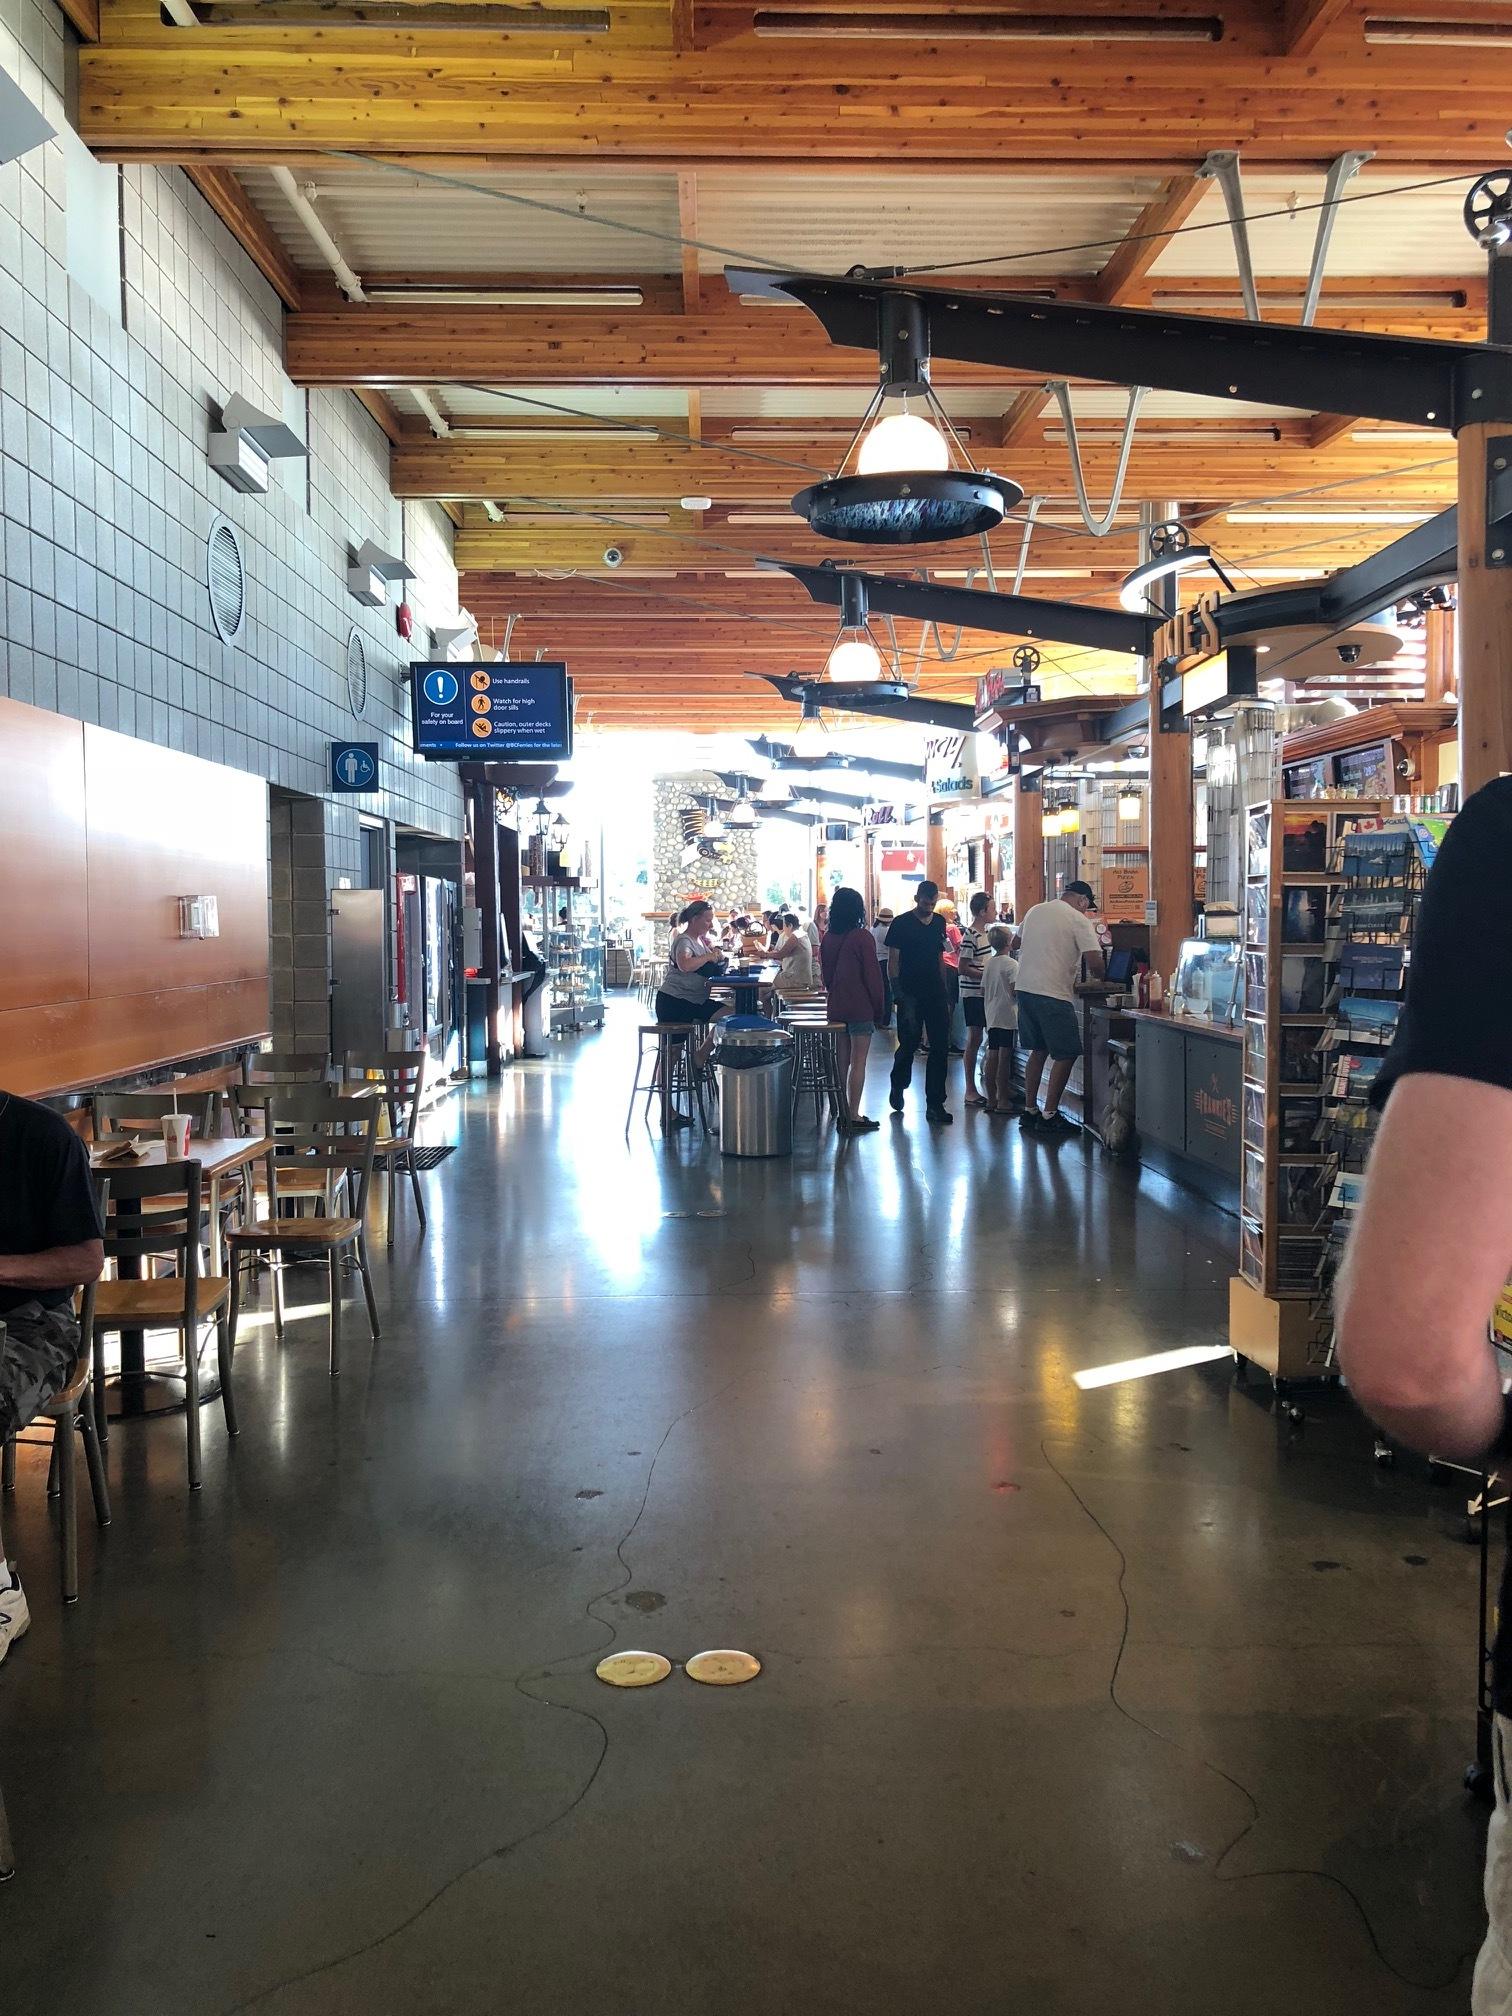 The Tsawassen ferry terminal food court